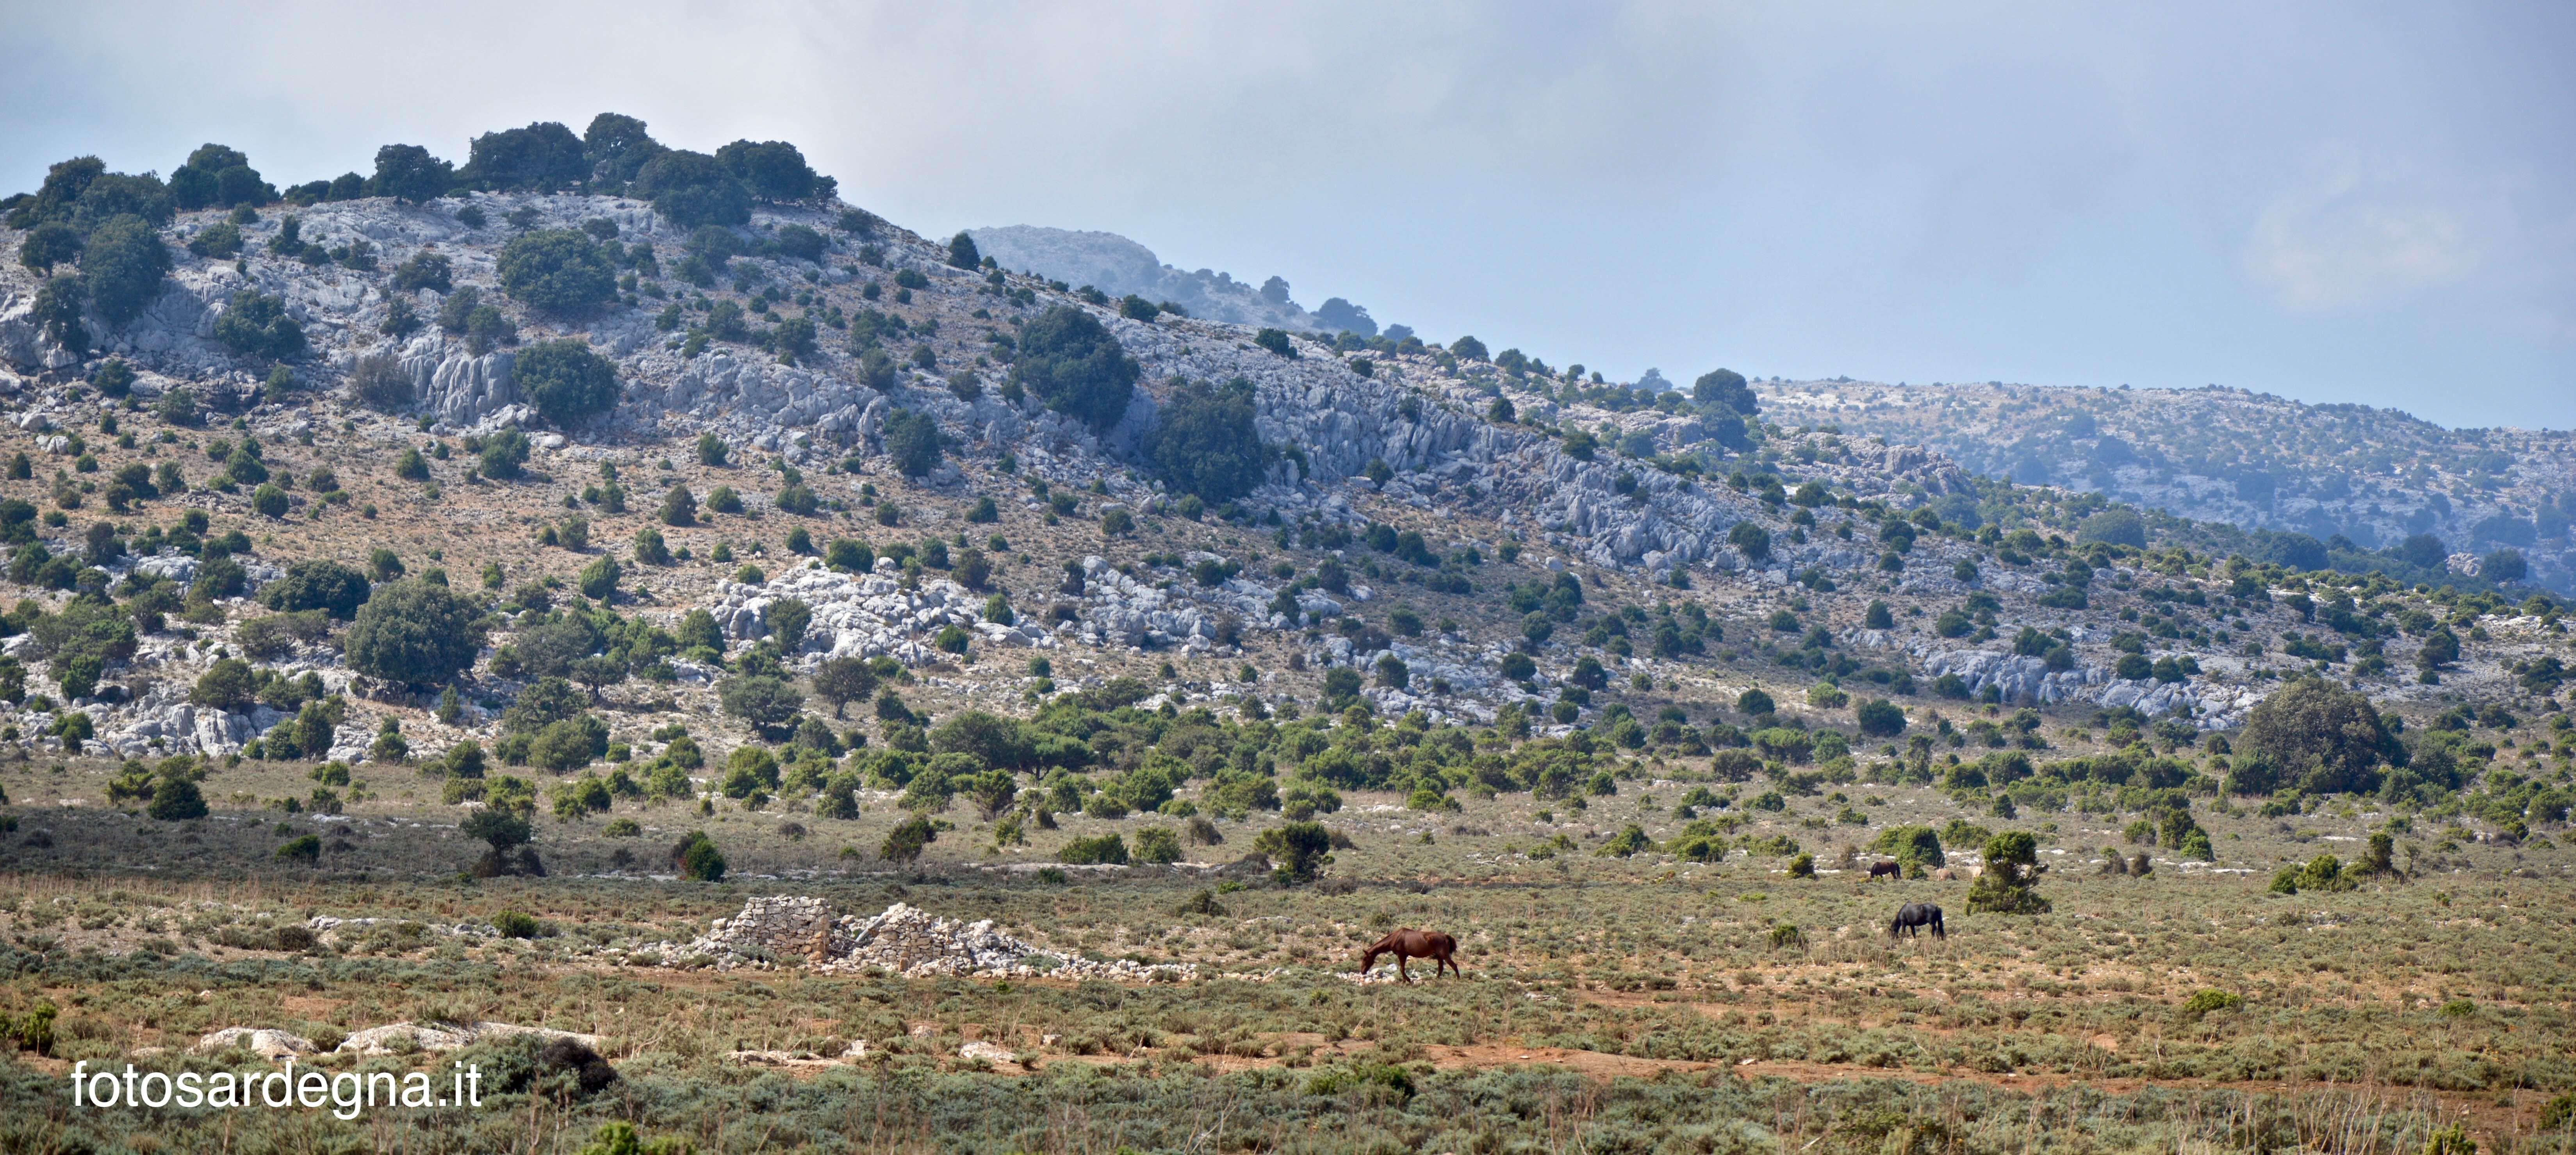 Bruncu Pungiale, ad ovest di Campu Oddeu.